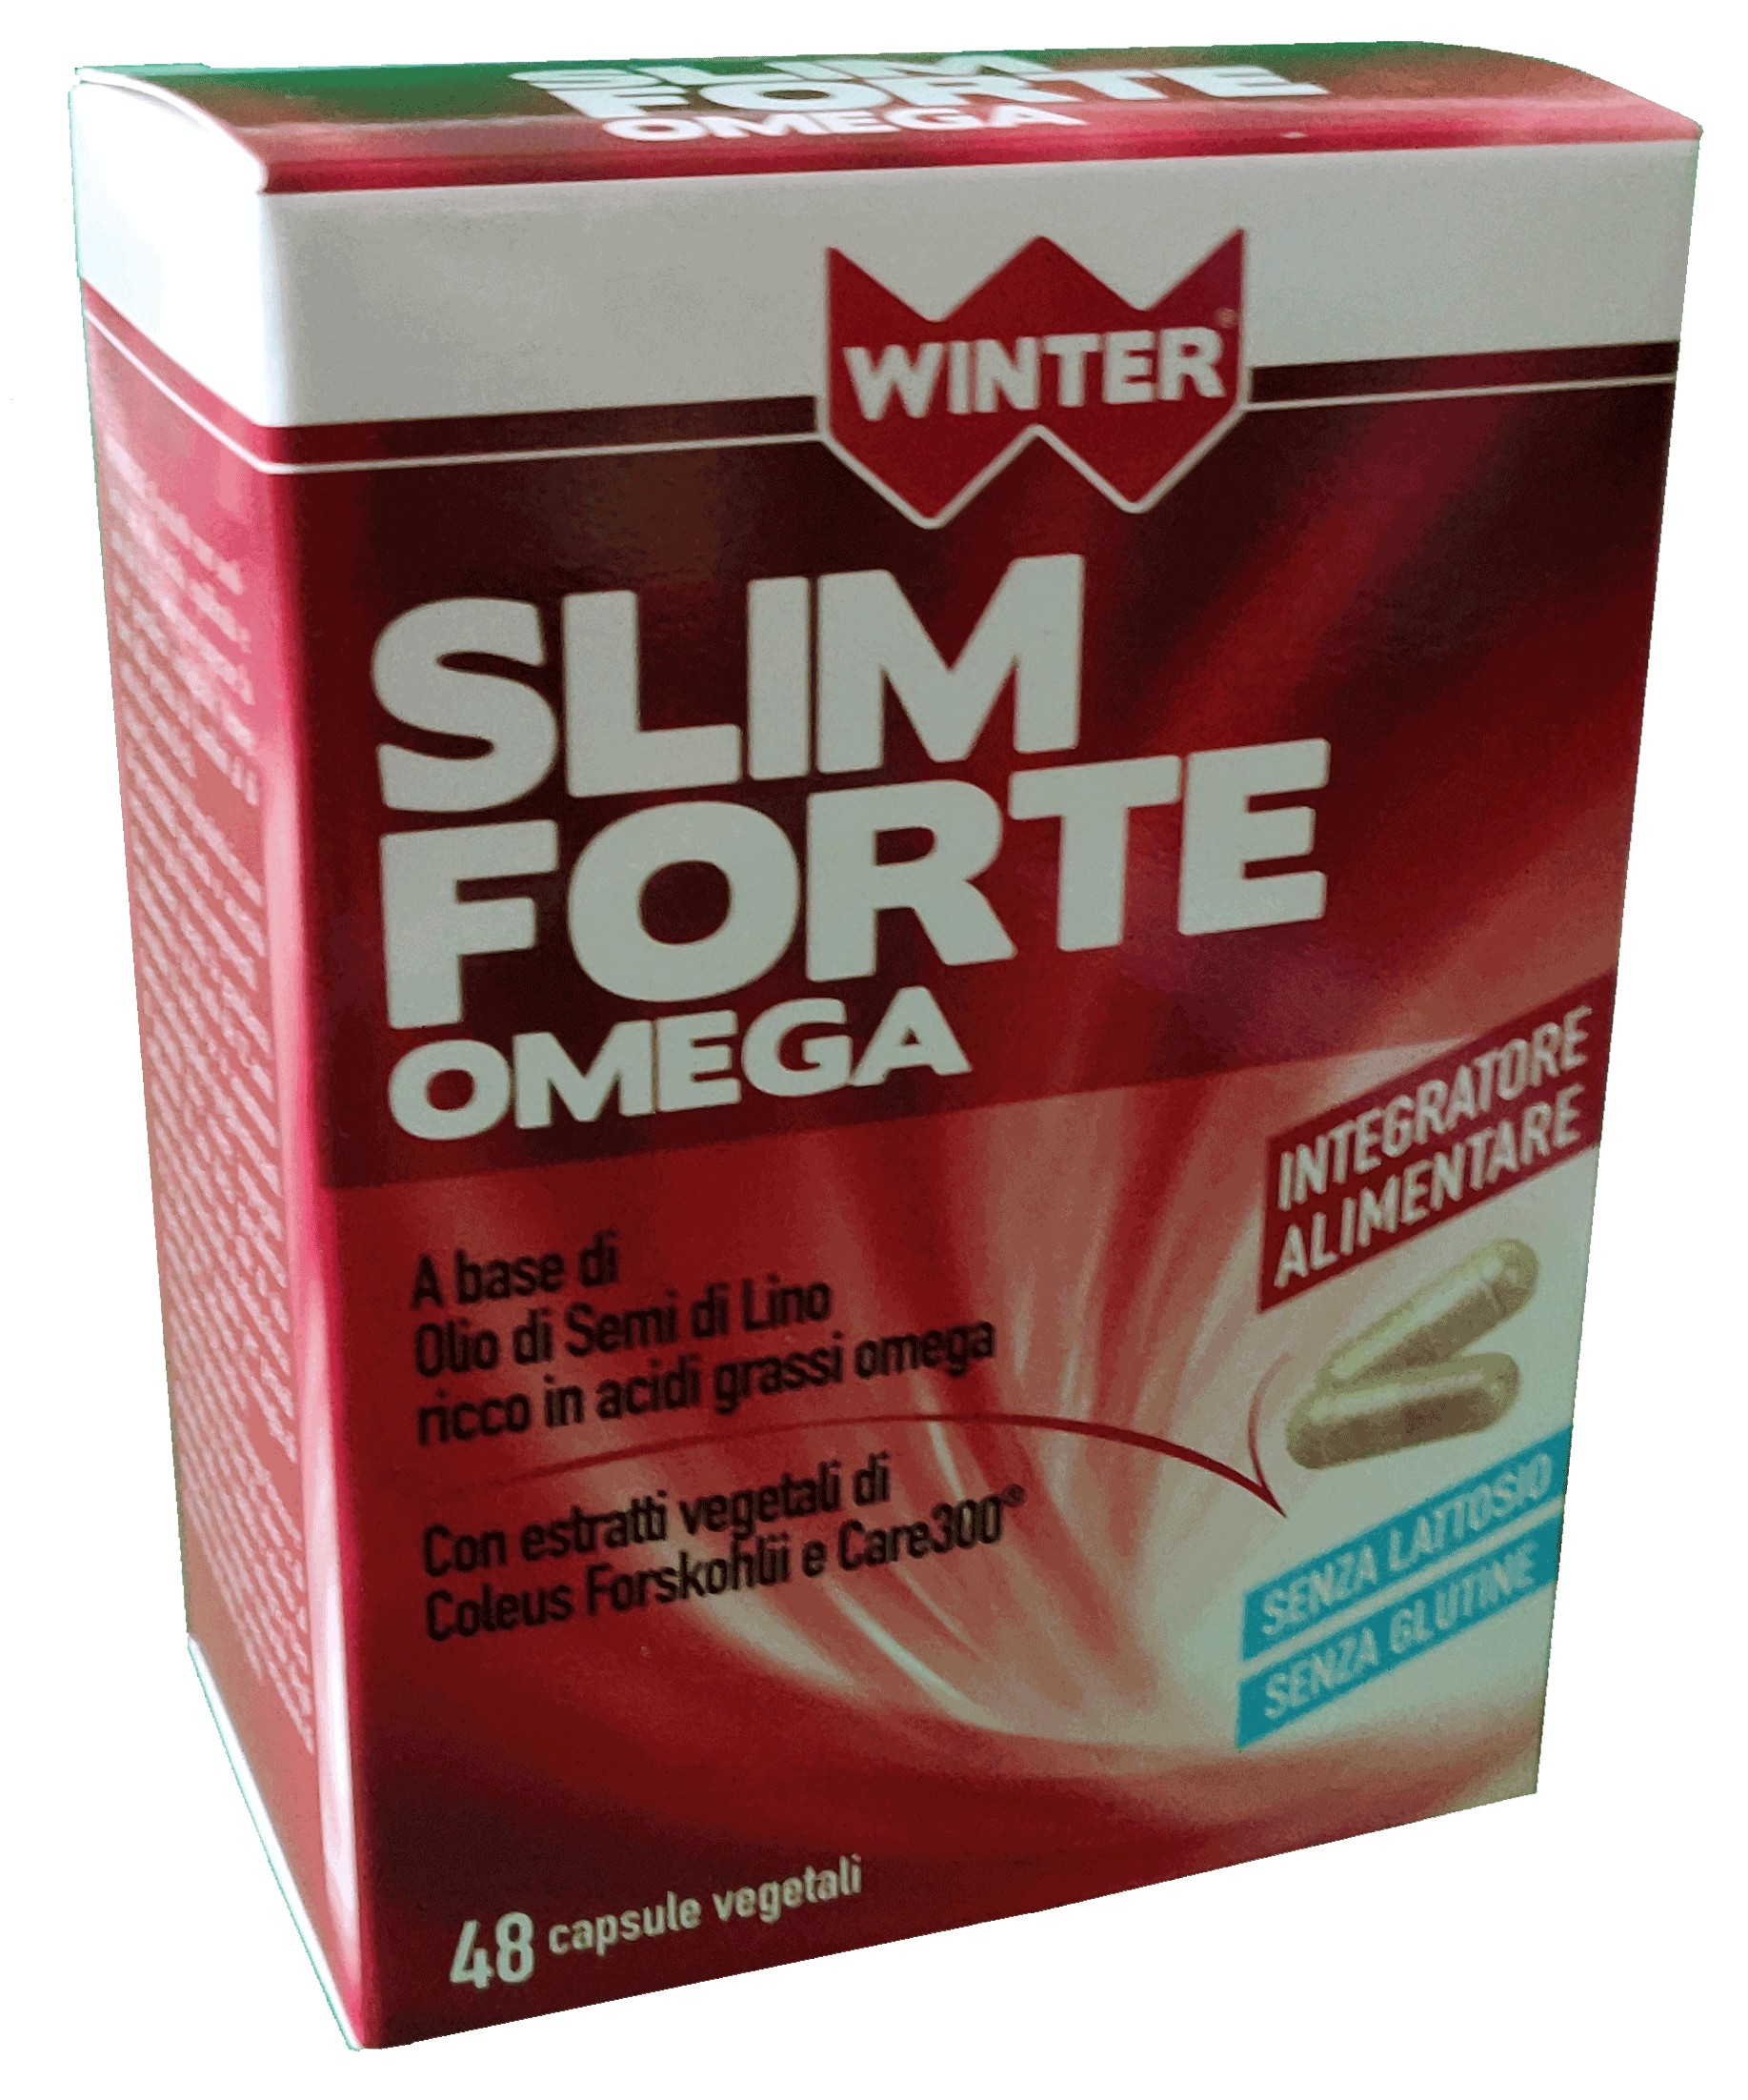 proprietà omega 3 6 9 per perdere peso